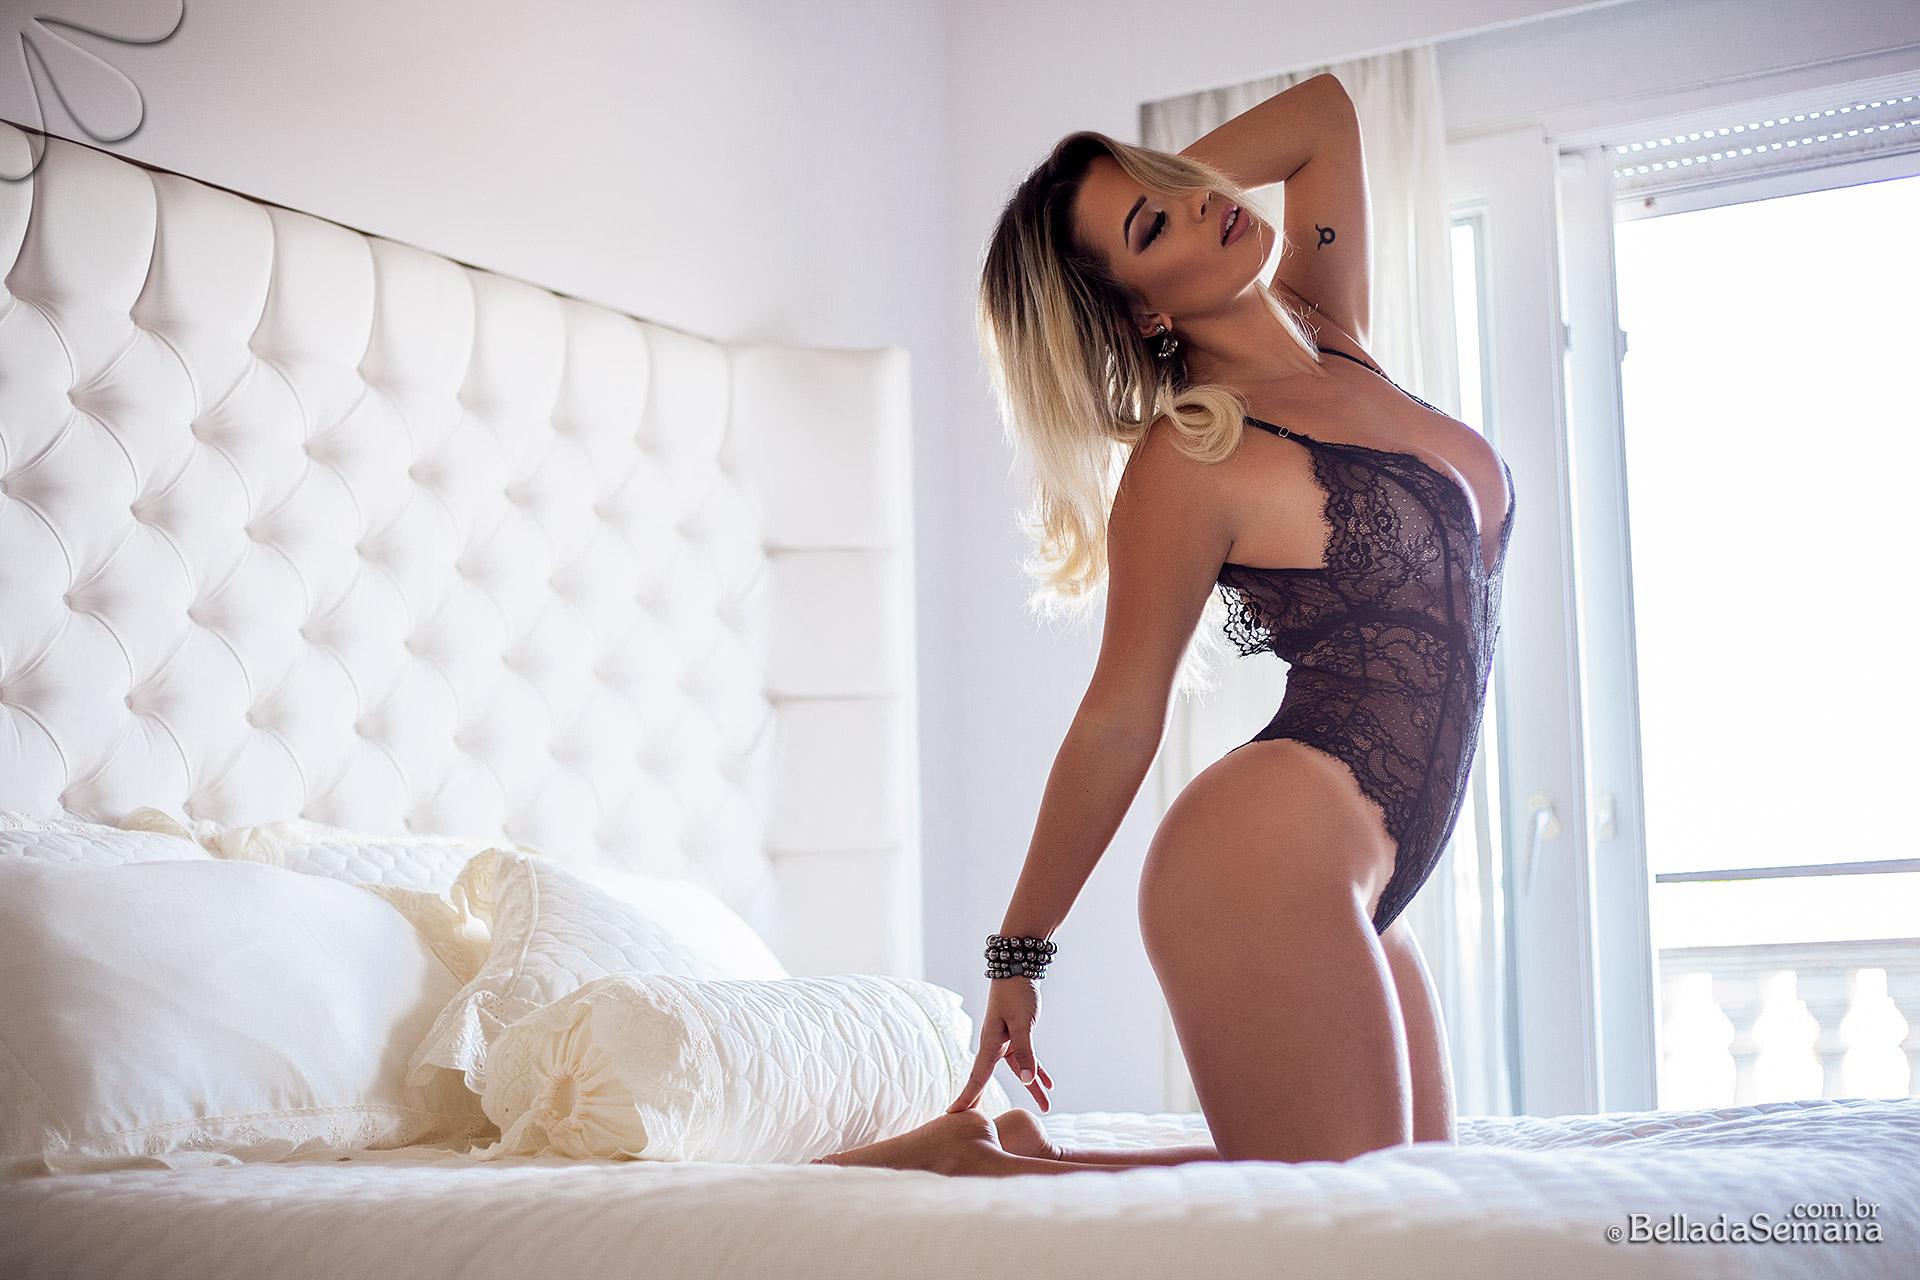 Vanessa Vailatti na Bella da Semana